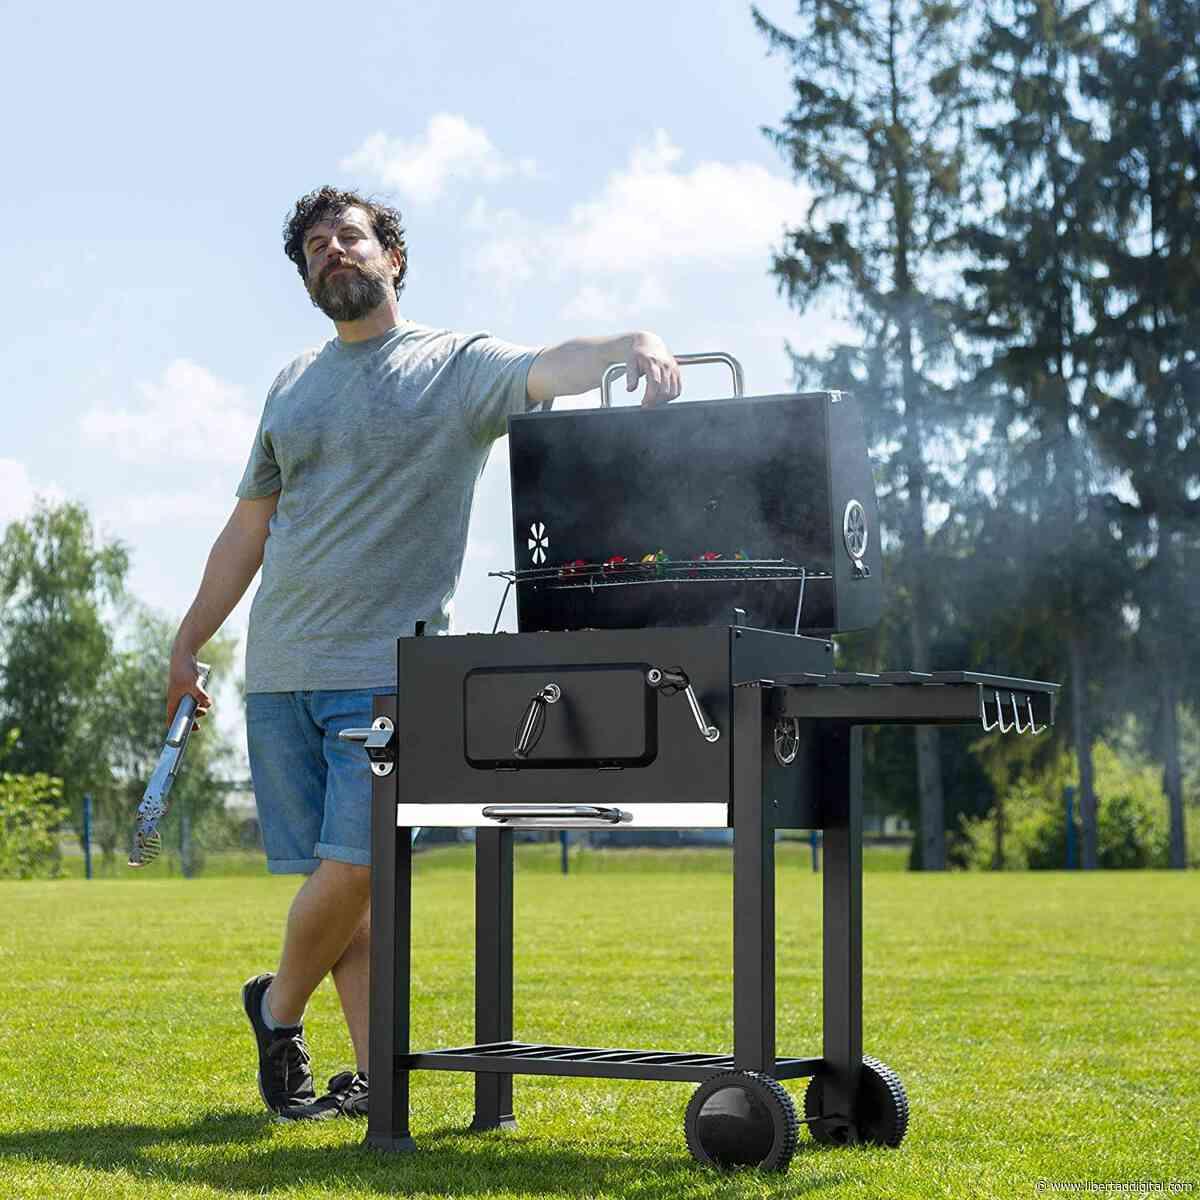 Las 10 mejores barbacoas de carbón para jardín, terraza, acampada y viaje - Libertad Digital